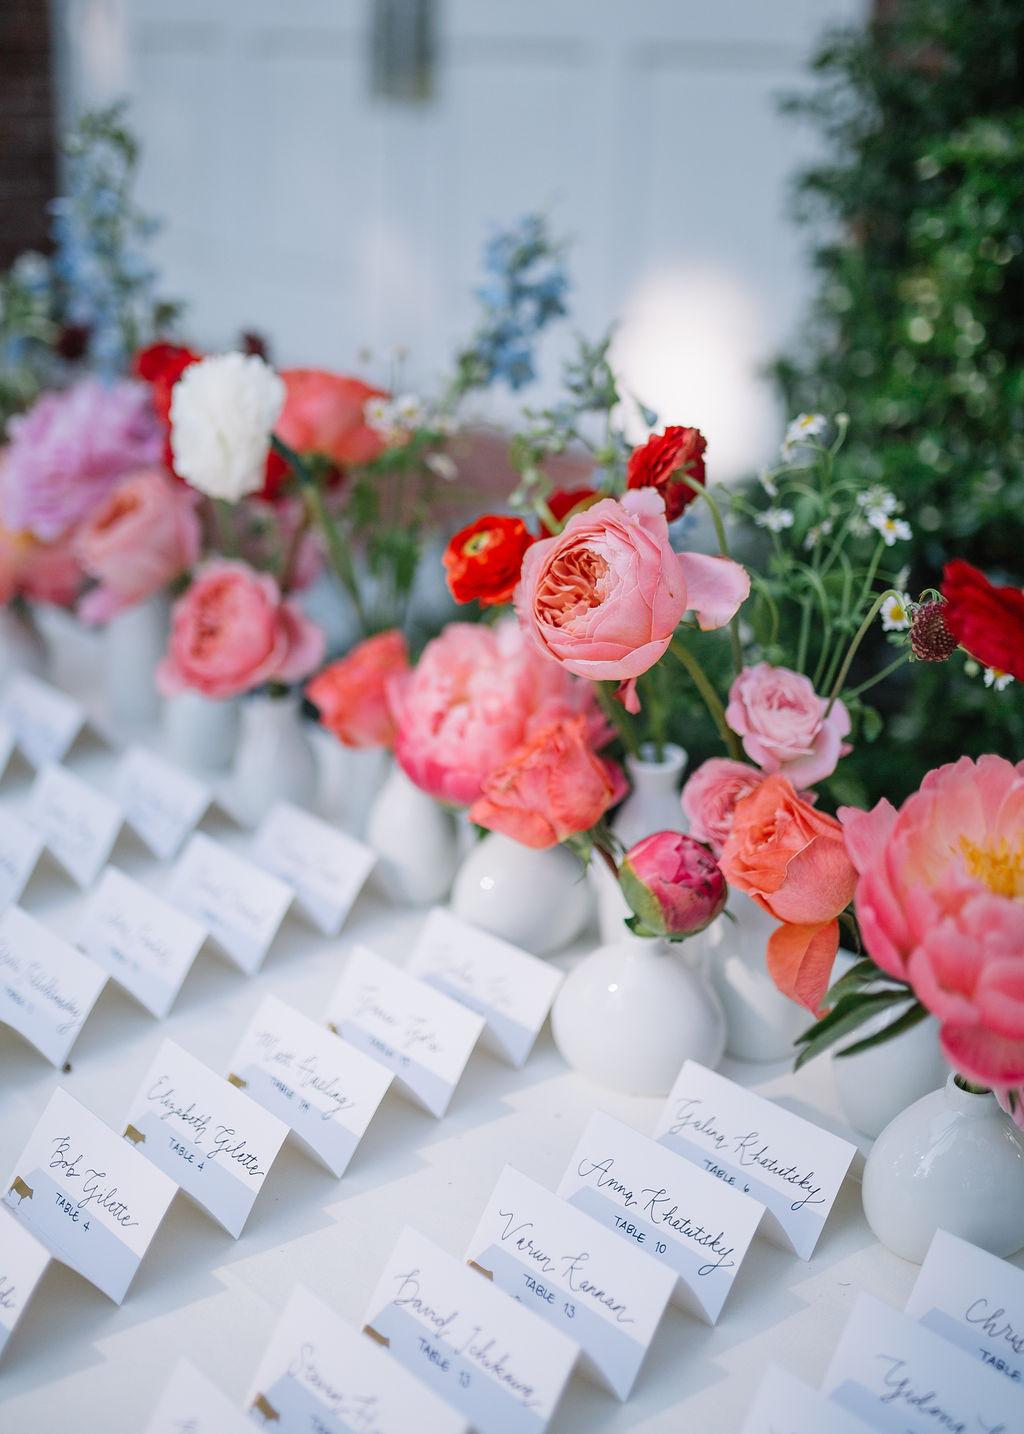 kadriphoto.com-8177.jpg